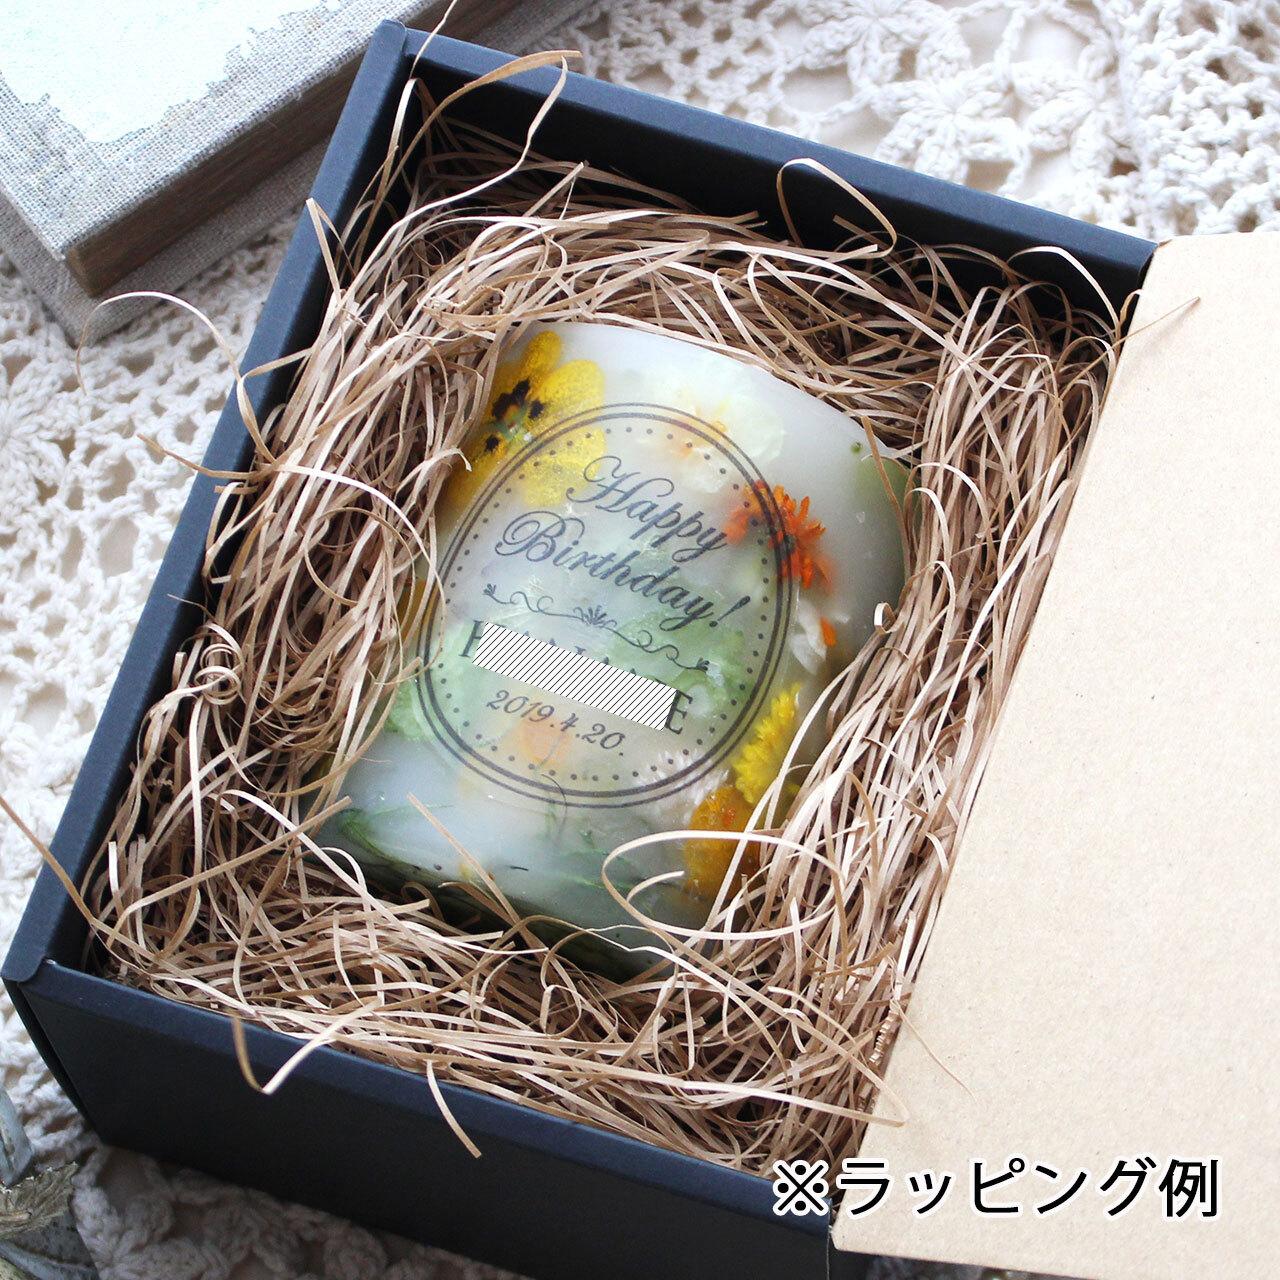 NC302 ギフトラッピング付き☆メッセージ&日付&名入れボタニカルキャンドル ガーデン